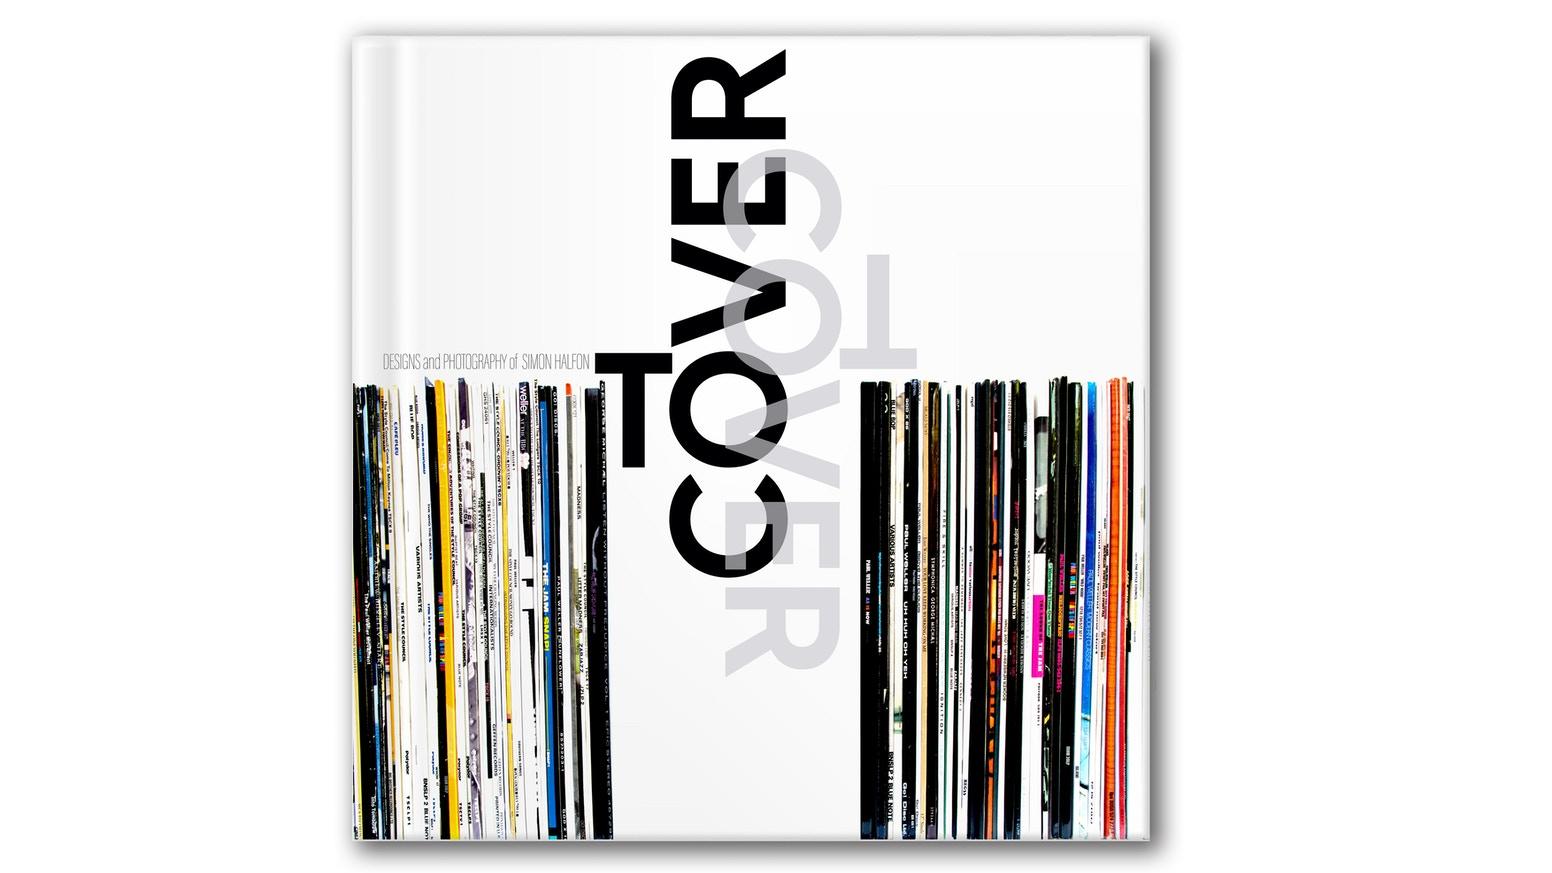 Simon Halfon Cover to Cover book